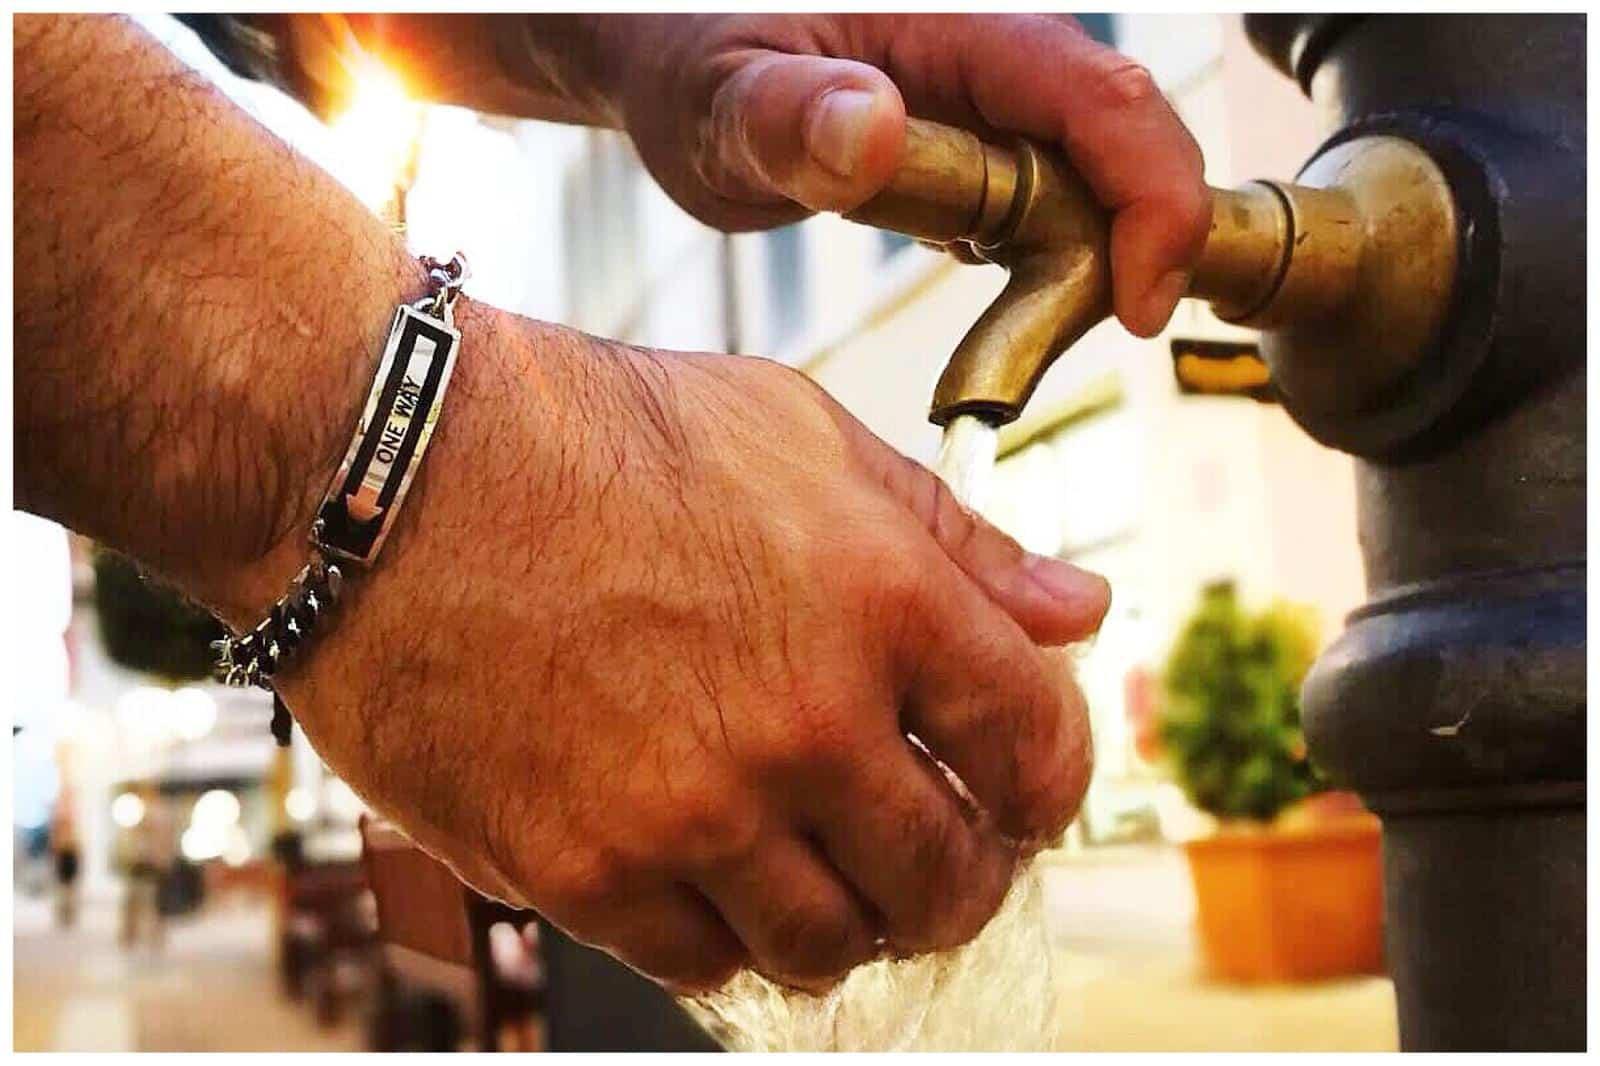 giolielli e bracciali da uomo